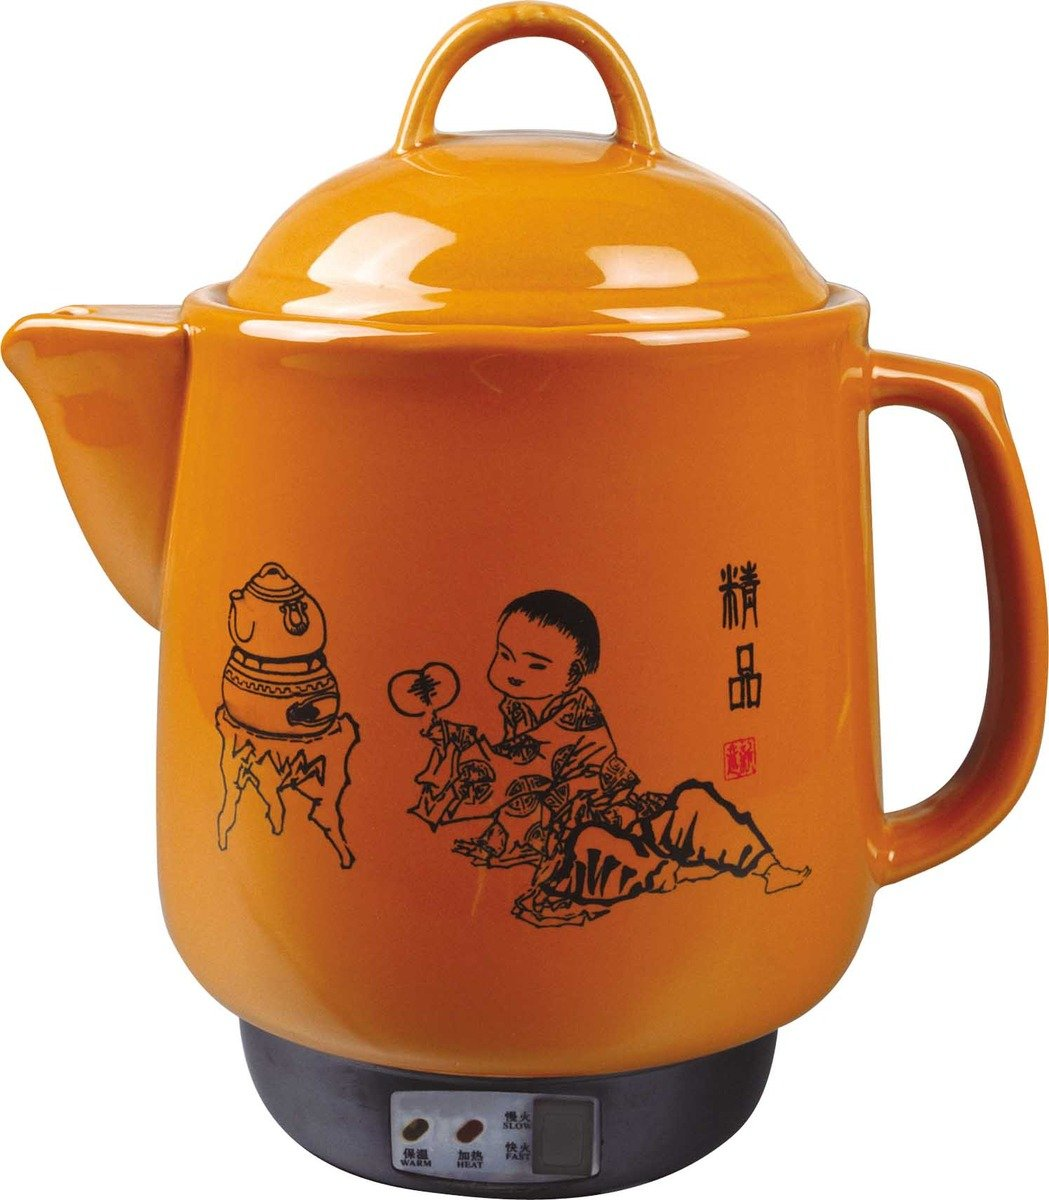 陶瓷保健壺 SK-1039A